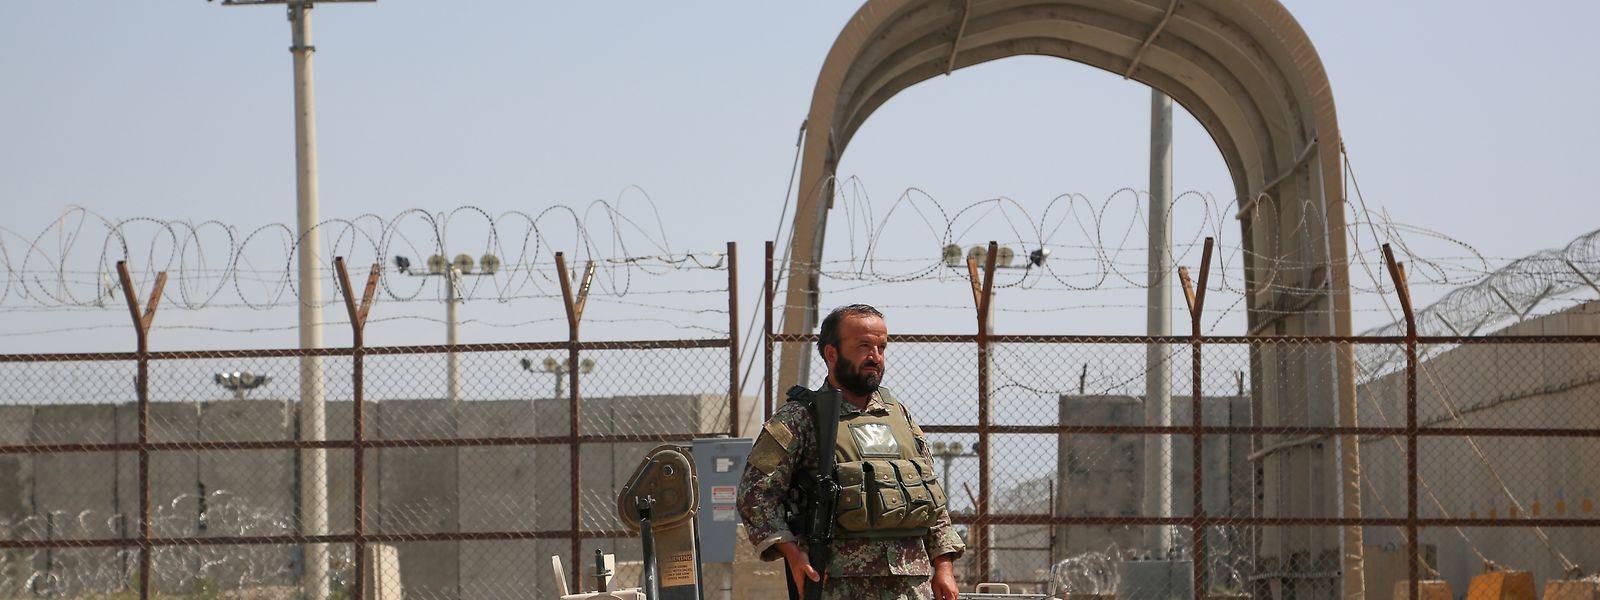 Ein afghanischer Soldat steht Wache an einem Armee-Kontrollpunkt in der Nähe des Luftwaffenstützpunkts Bagram, nachdem alle US- und NATO-Truppen den Stützpunkt in der Provinz verlassen haben.